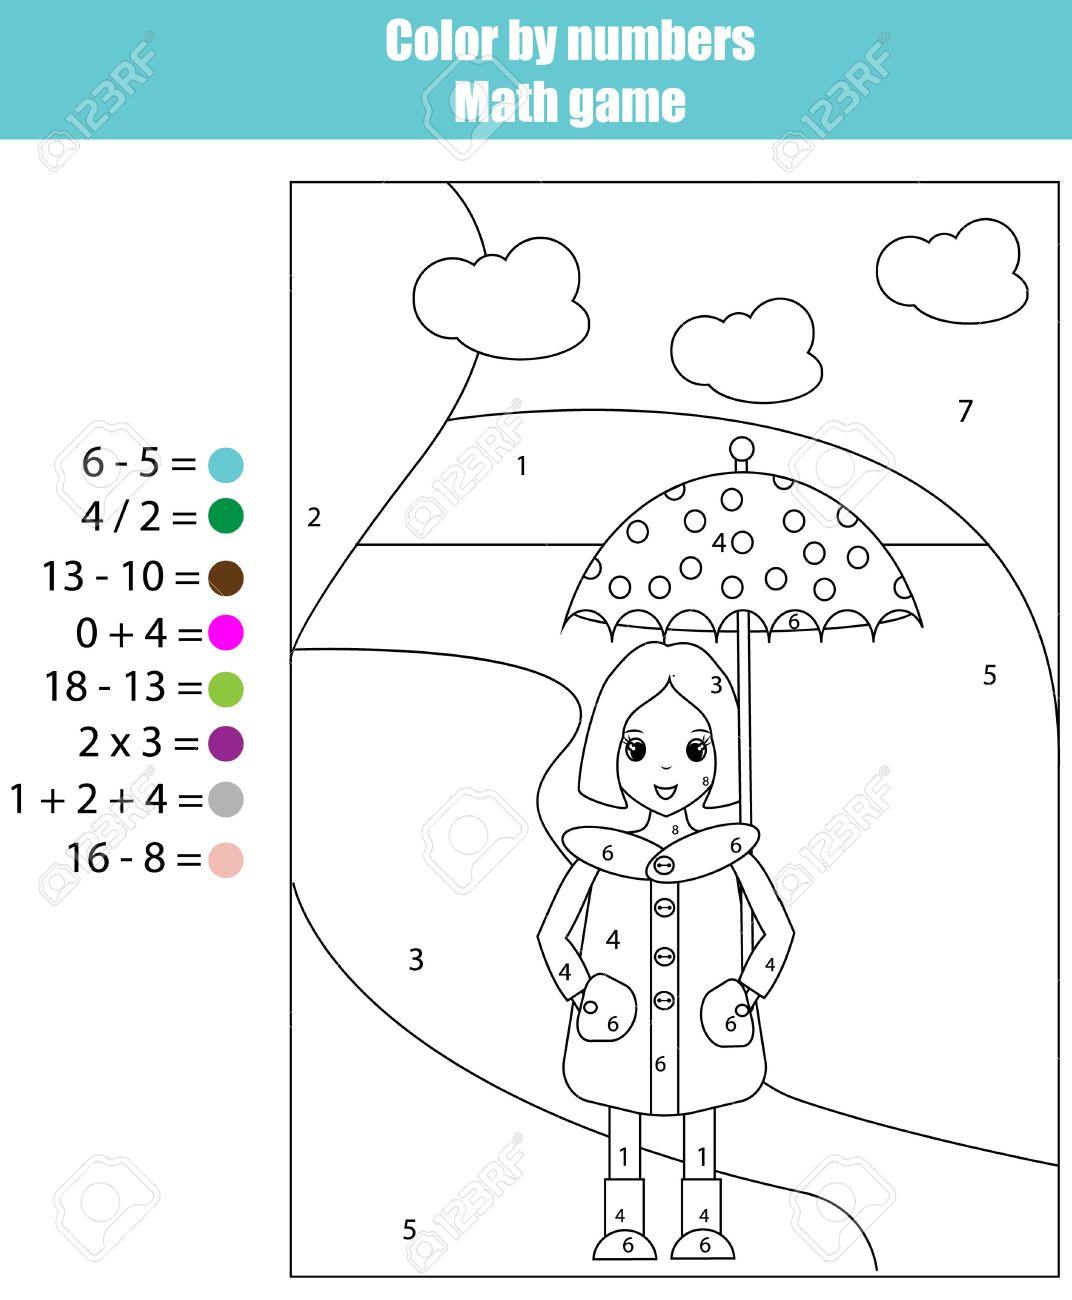 Dibujo Para Colorear Con La Chica El Color De Los Niños Matemáticas Números Juego Educativo Durante Años Los Niños Escolares